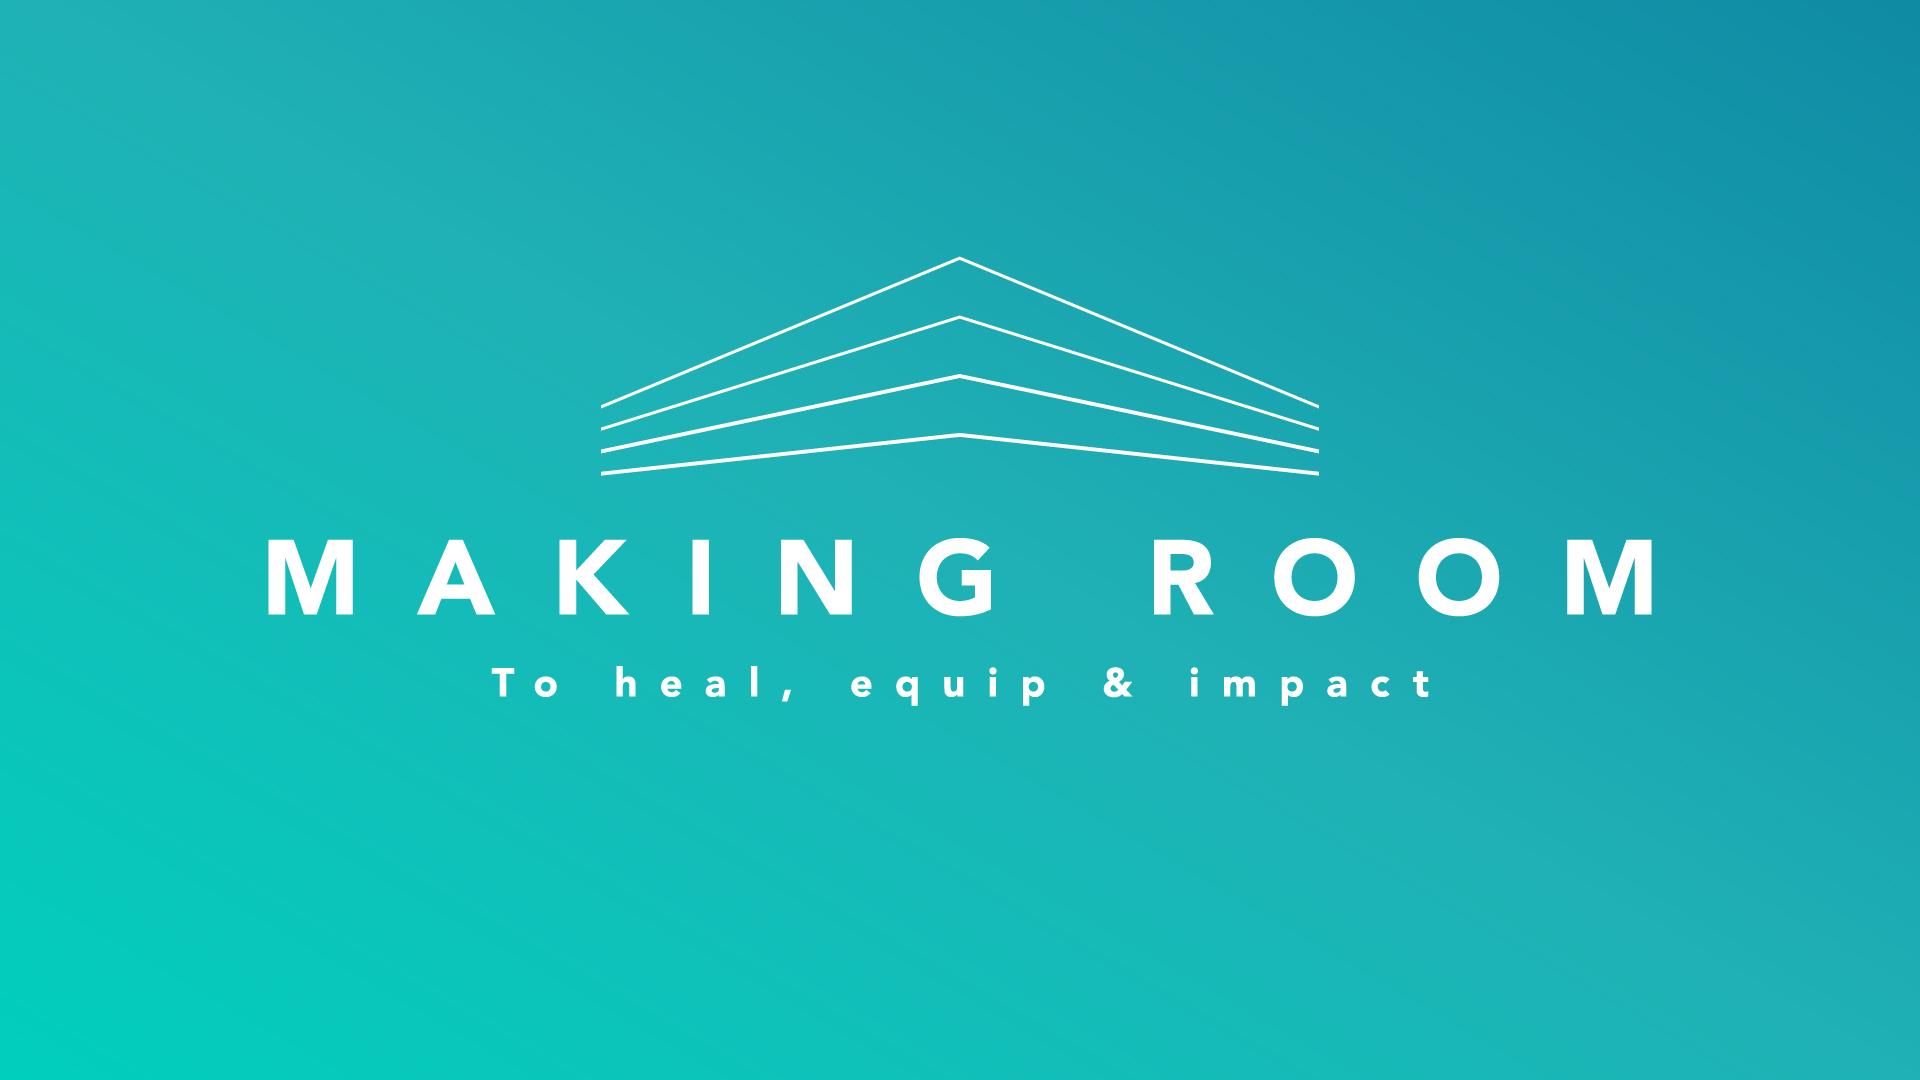 Making-Room-Slide.jpg